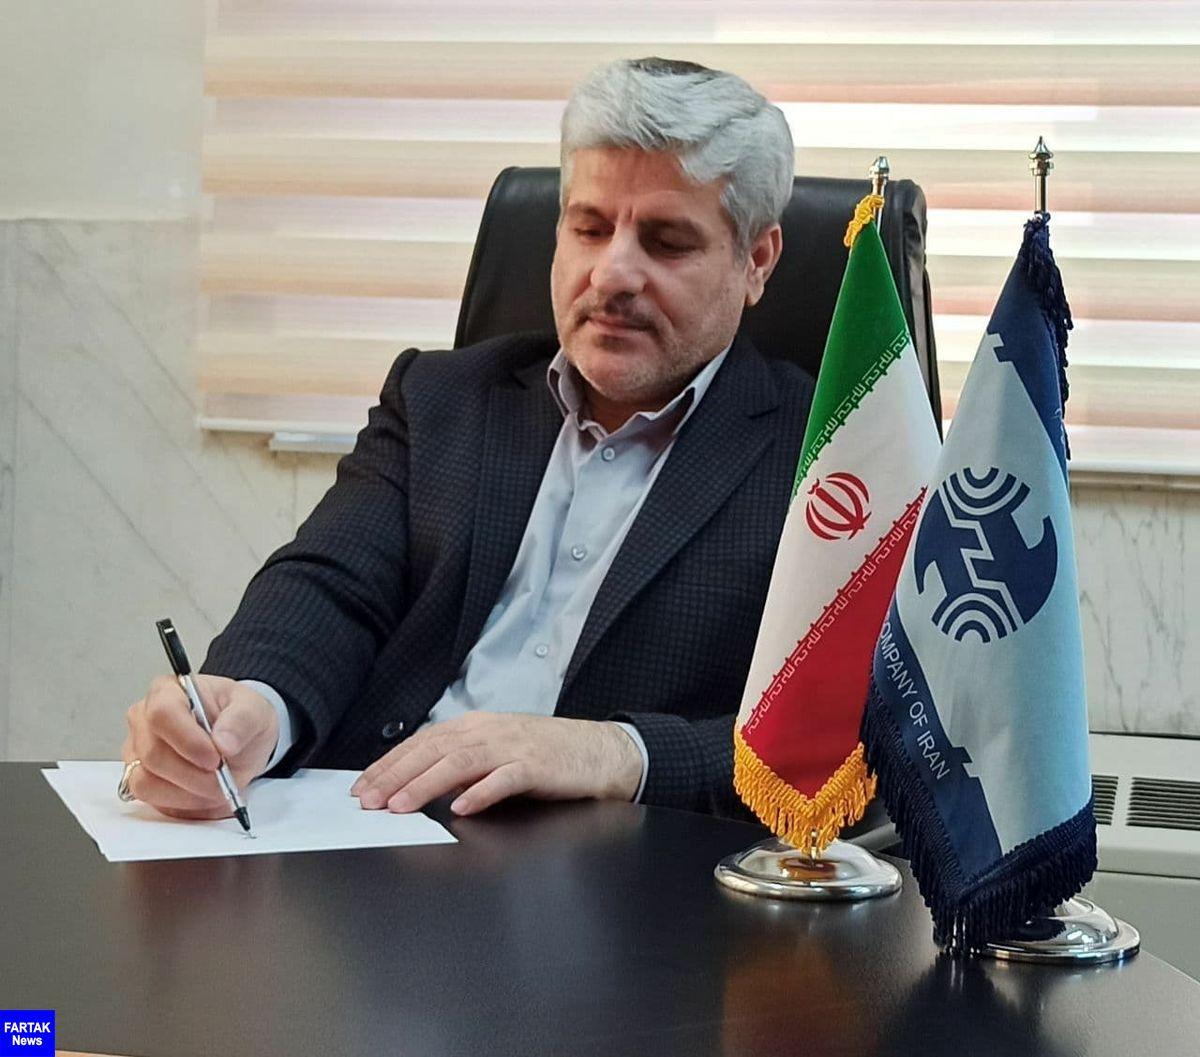 بیش از ۲۴۸ میلیارد ریال بدهی دستگاههای اجرایی به شرکت مخابرات استان کرمانشاه